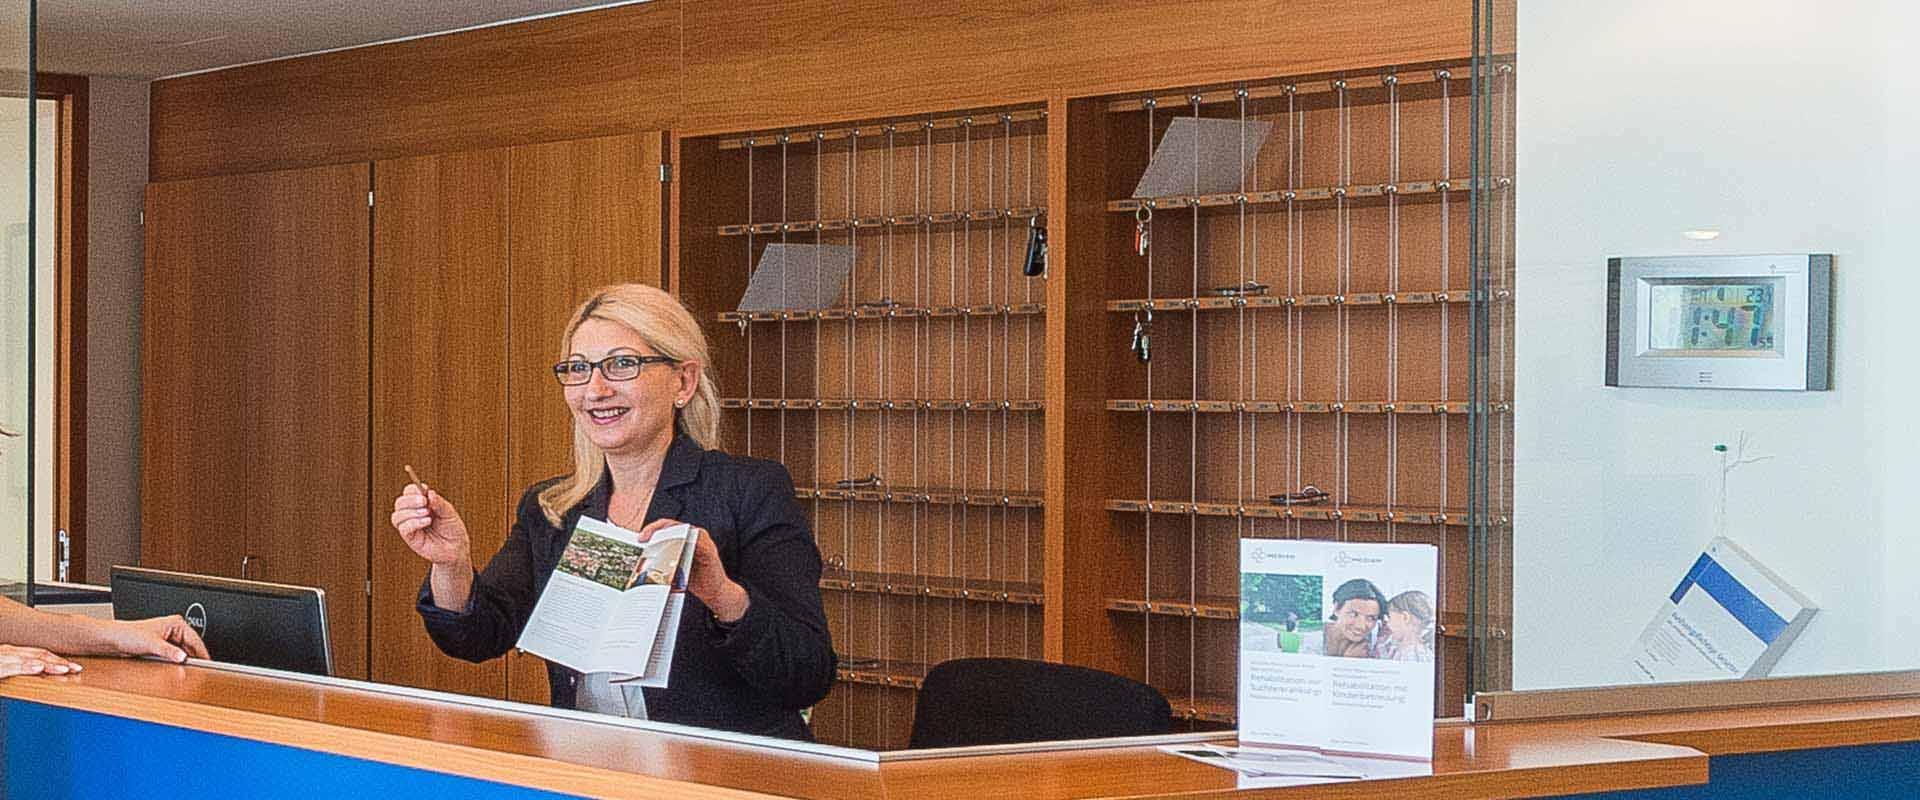 Rezeptionistin in der MEDIAN Rhein-Haardt Klinik Bad Dürkheim